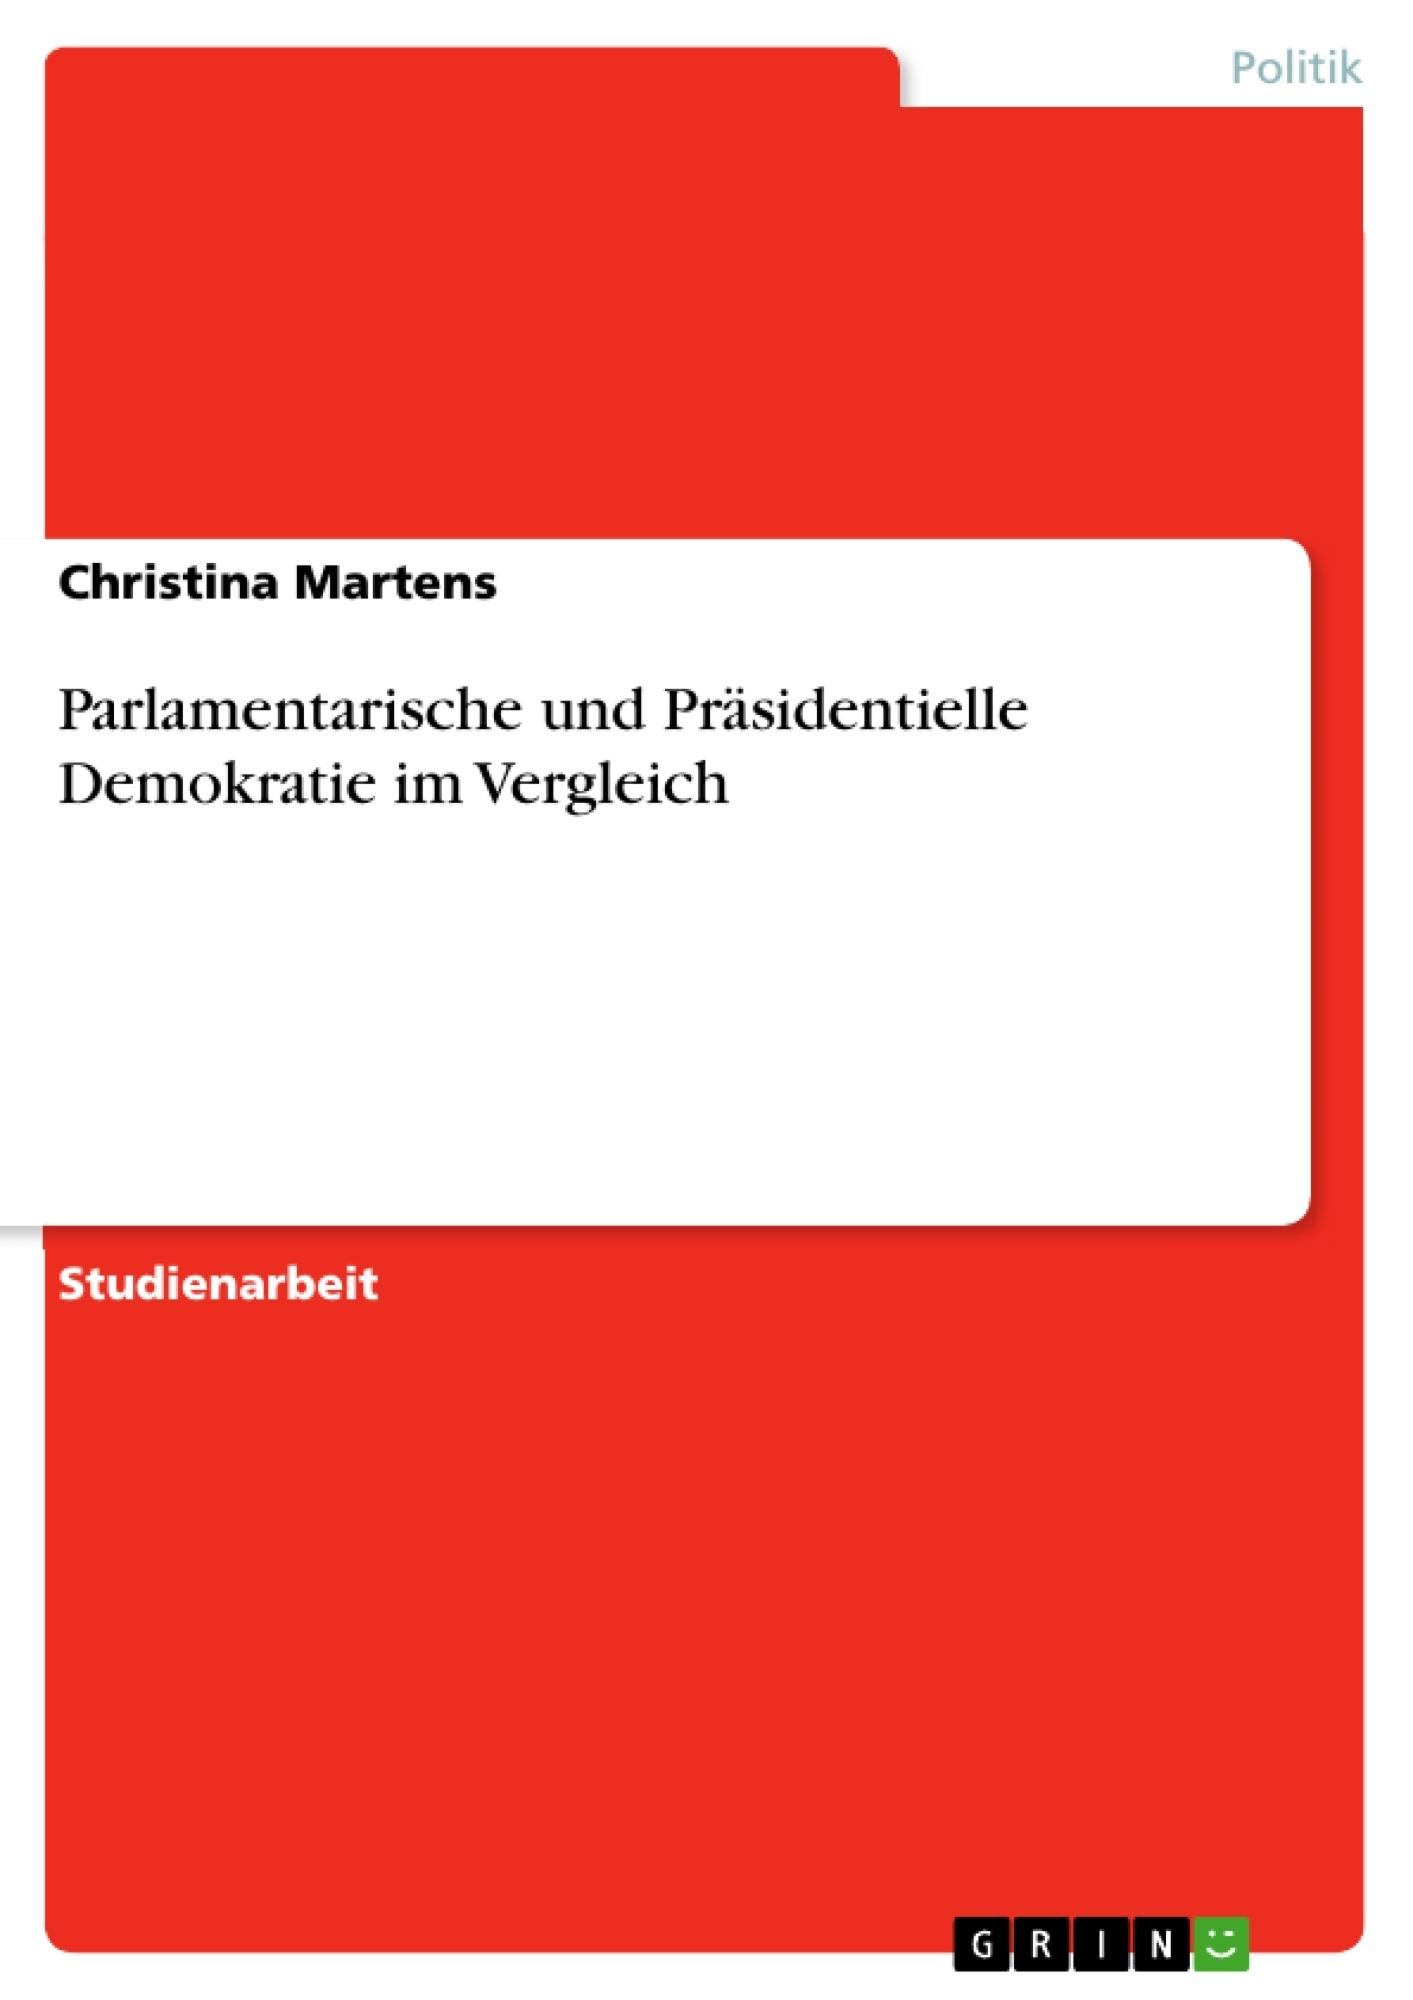 Titel: Parlamentarische und Präsidentielle Demokratie im Vergleich